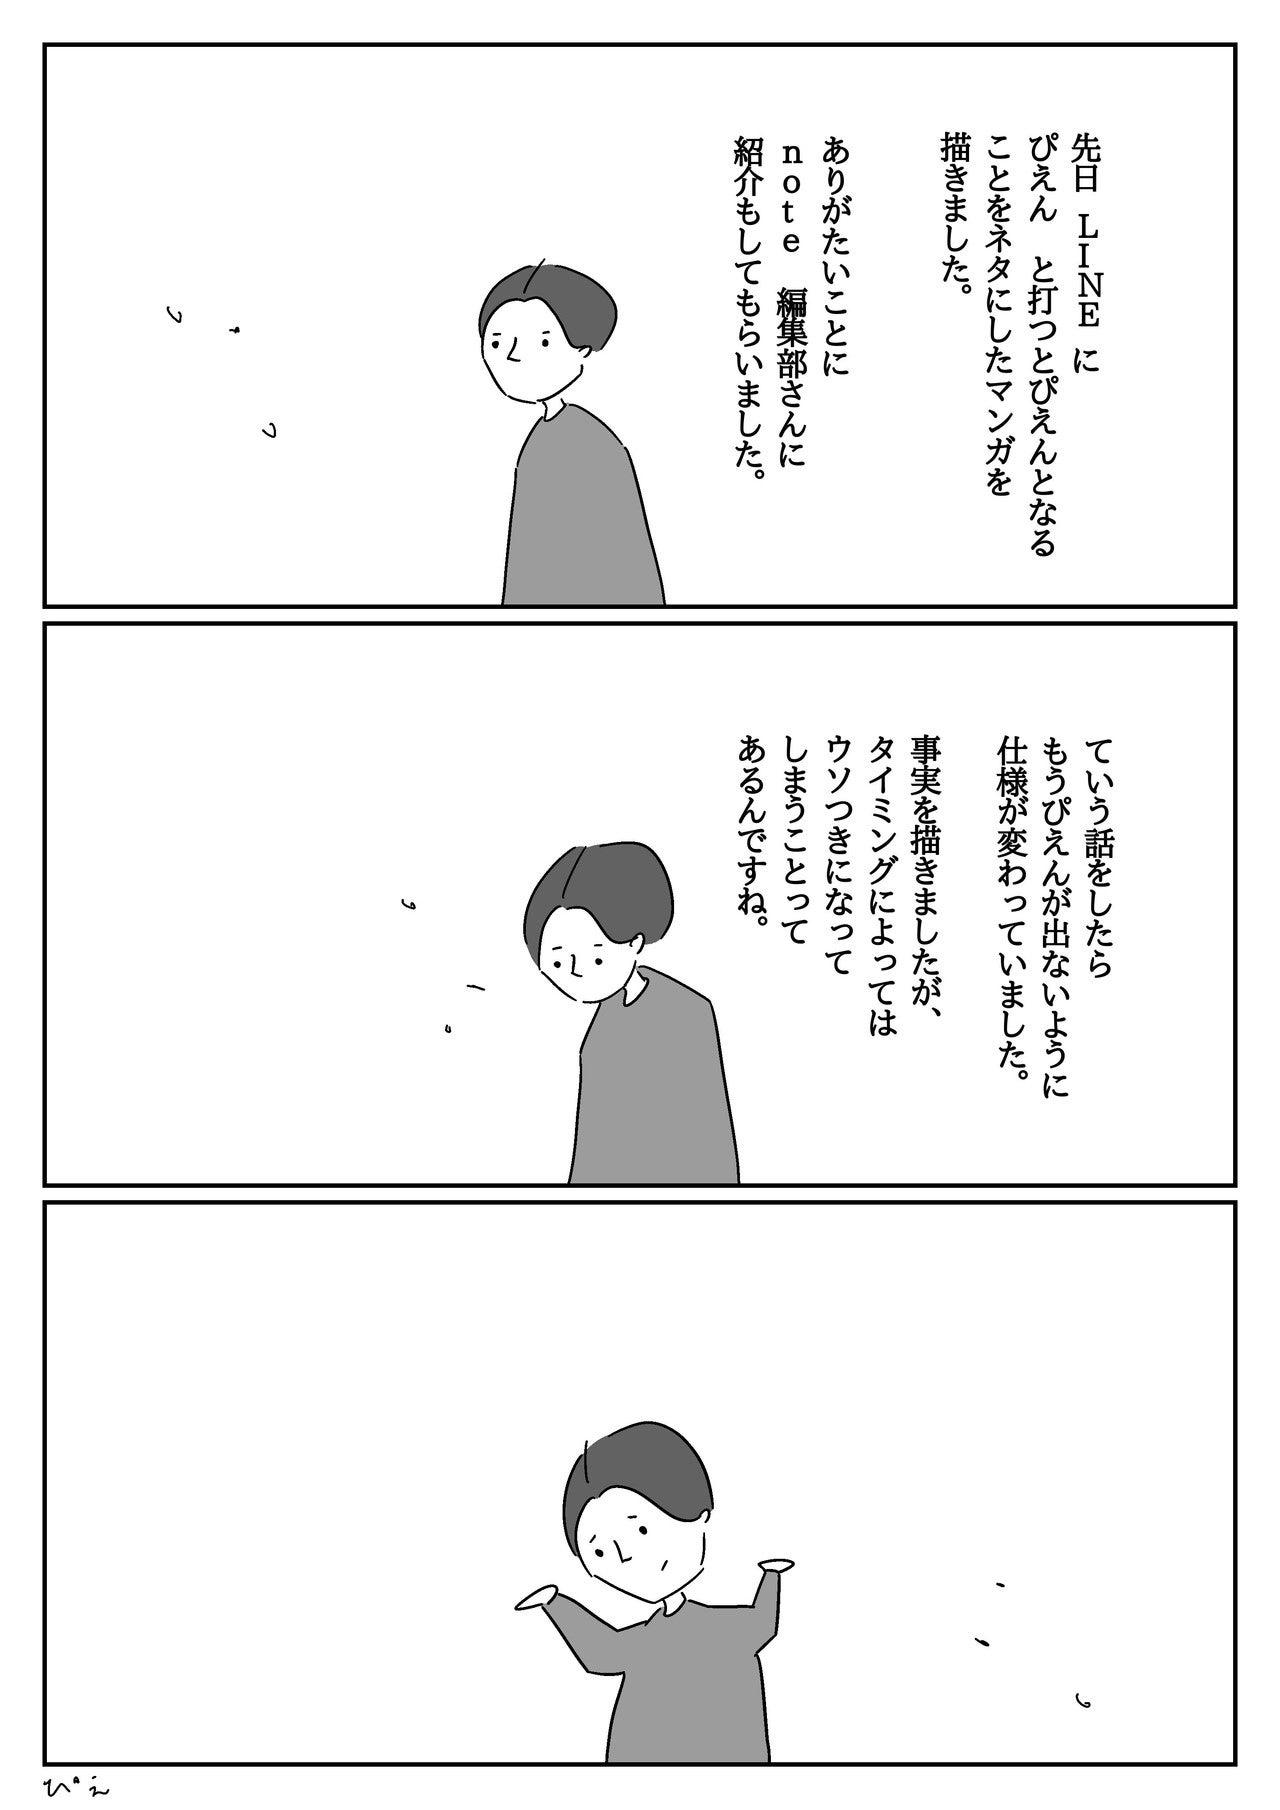 ん line ぴえ